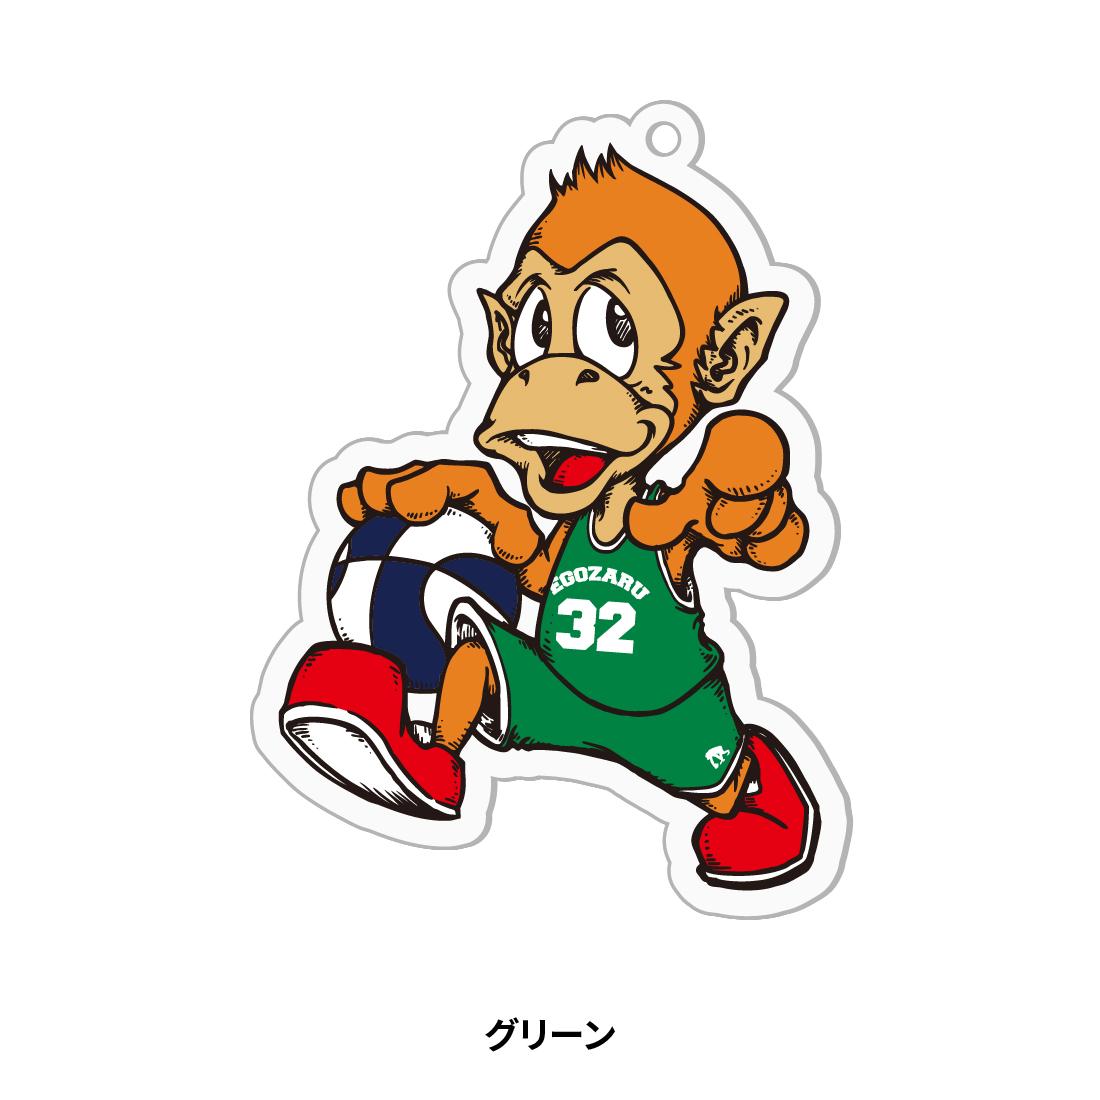 【第51回全ミニ限定】アクリルキャラクターキーホルダー グリーン